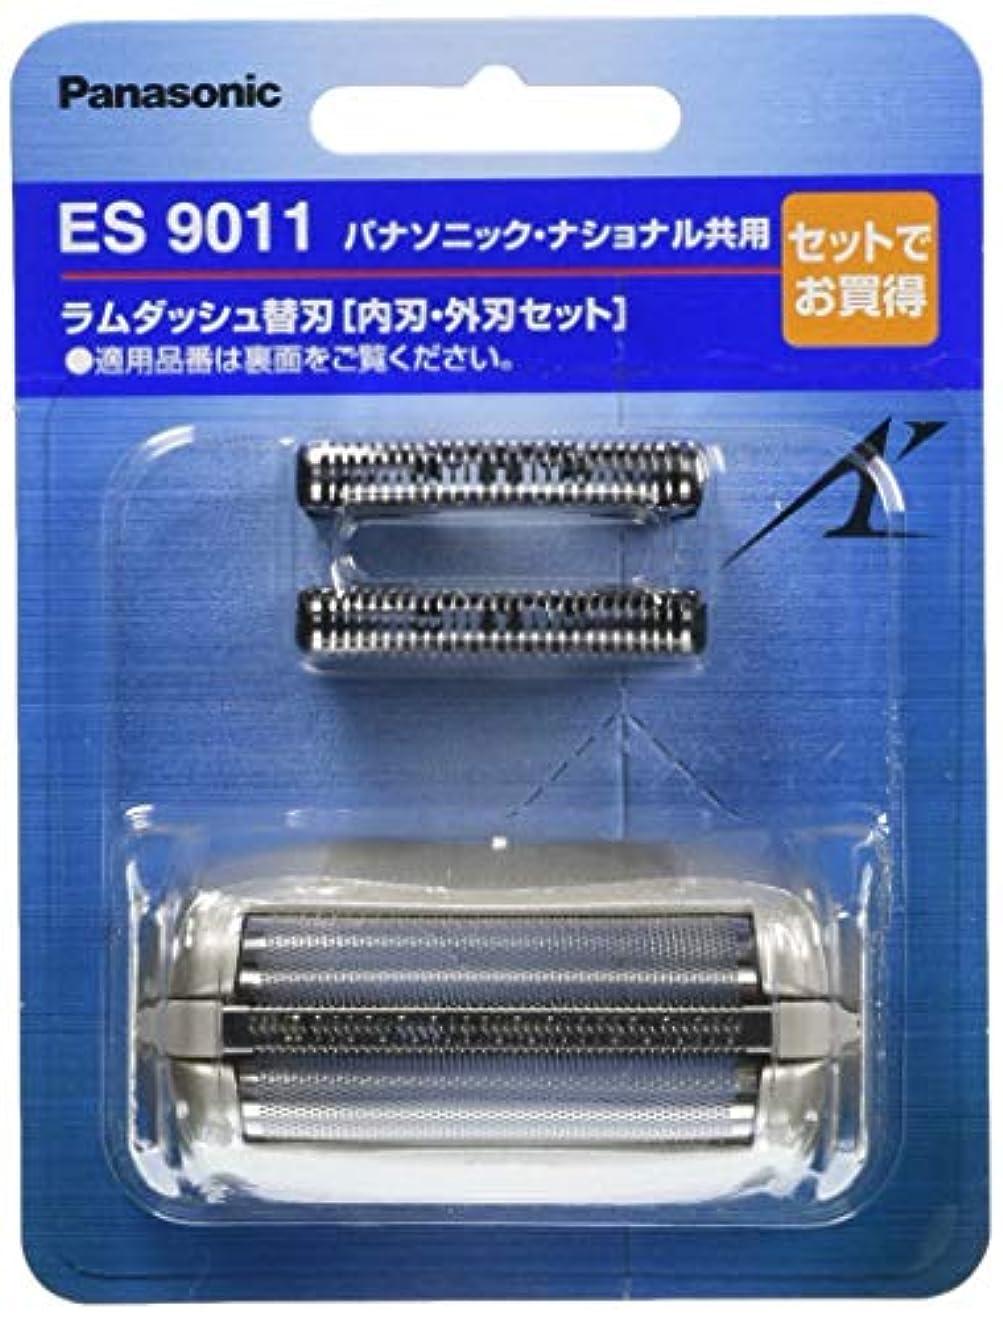 欲しいです私達再集計パナソニック 替刃 メンズシェーバー用 セット刃 ES9011